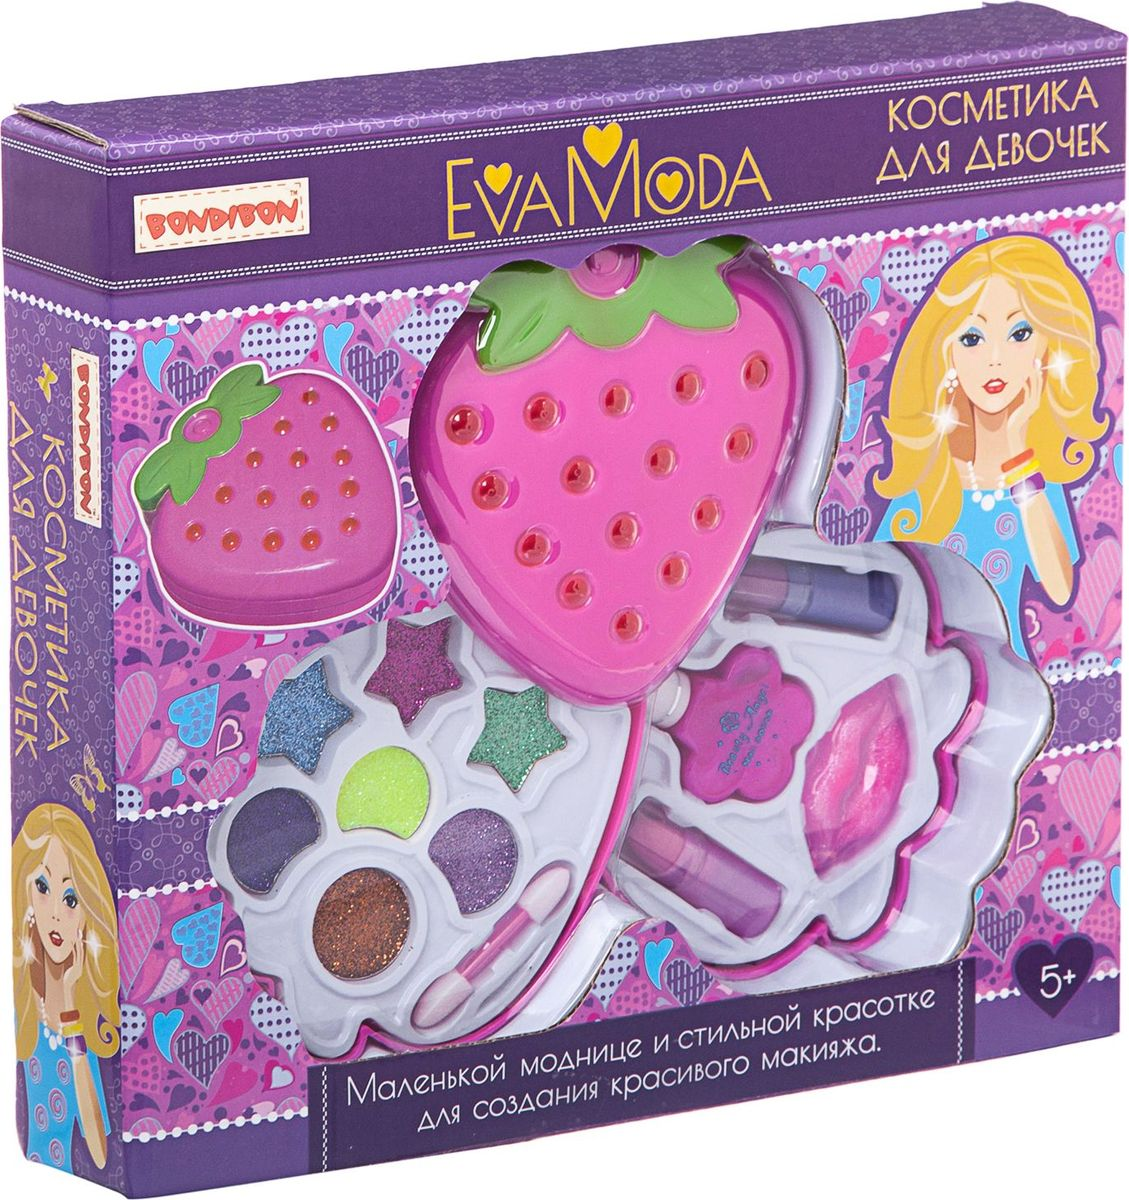 Bondibon Набор детской декоративной косметики Eva Moda ВВ1774 набор для творчества от bondibon и eva moda сверкающие кольца